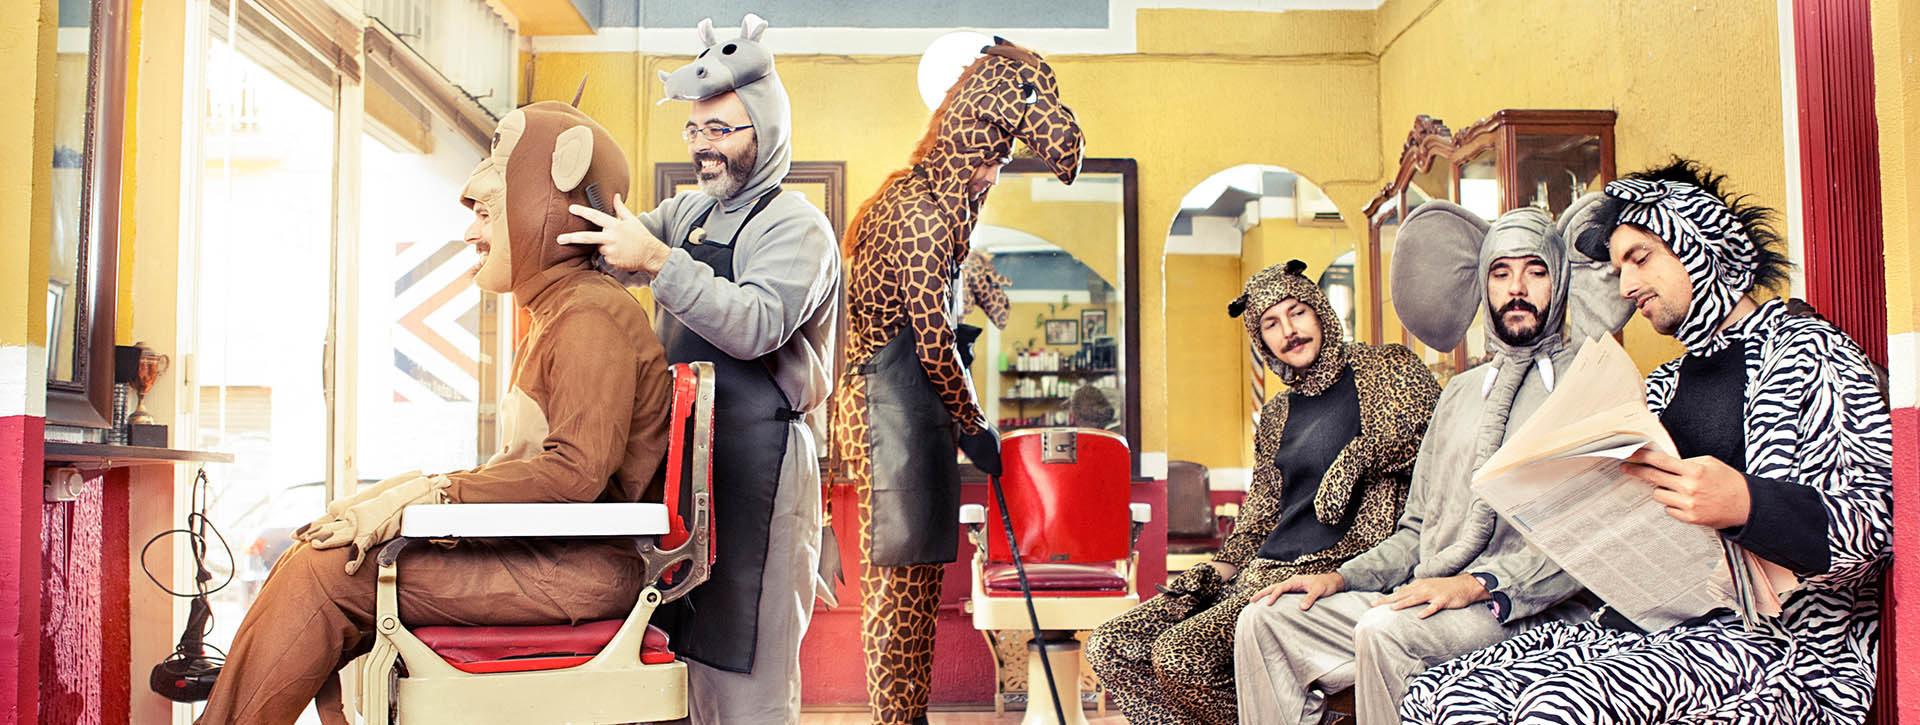 Työnhaun performanssi -hankkeen markkinointikuvassa eläimiksi pukeutuneet ihmiset poseeraavat hauskasti kampaamoympäristössä värikkäässä kuvassa.